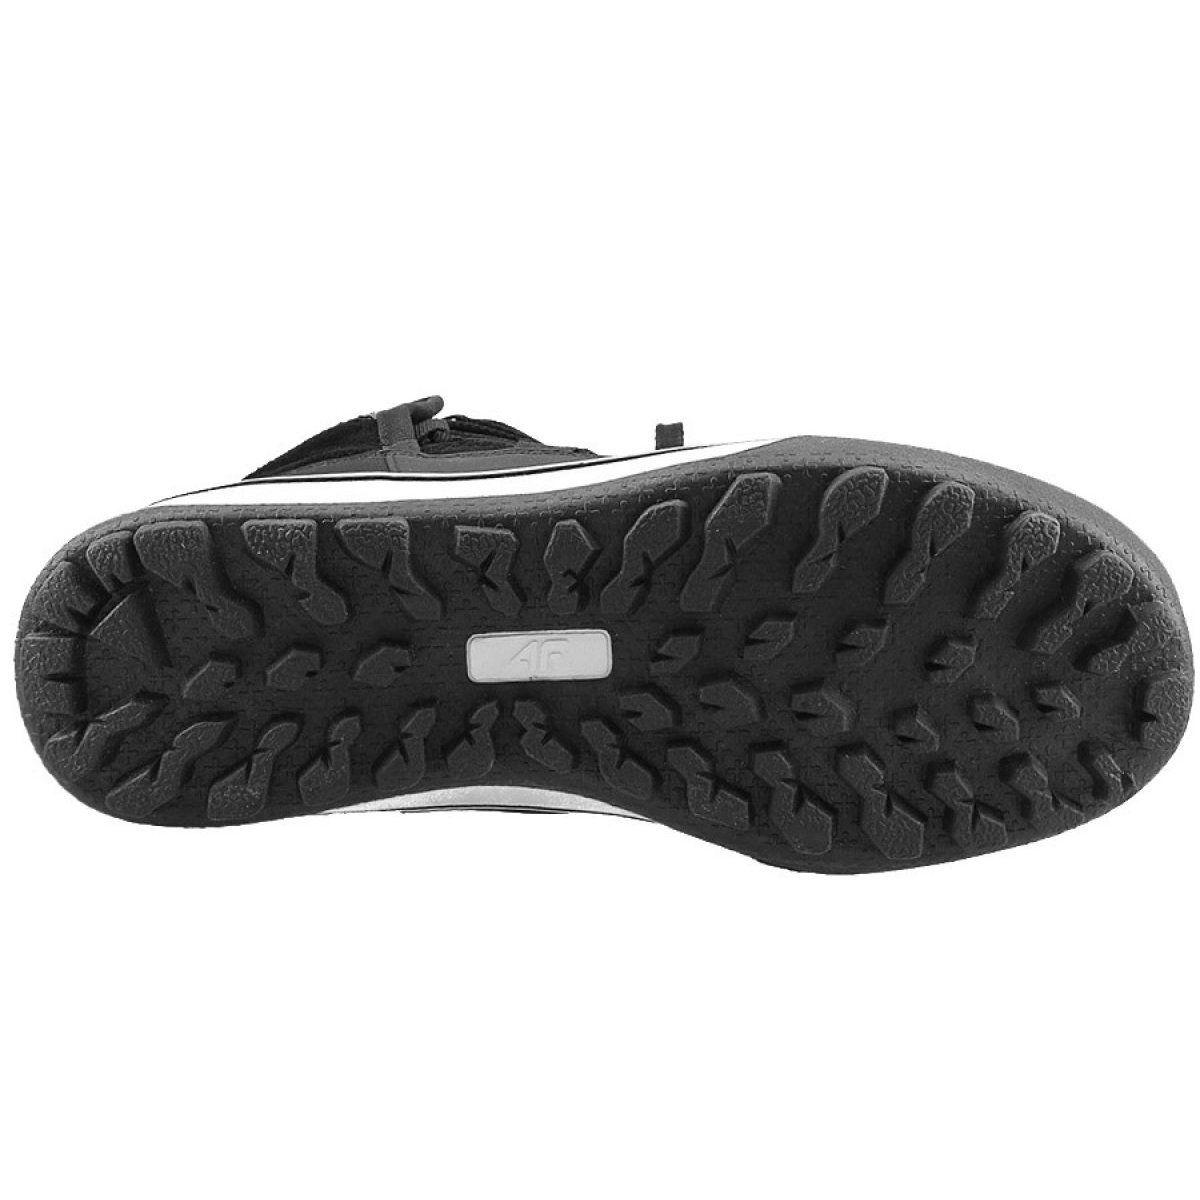 Buty Zimowe 4f W D4z19 Obdh201 21s Czarne Winter Shoes For Women Sport Shoes Women Winter Shoes